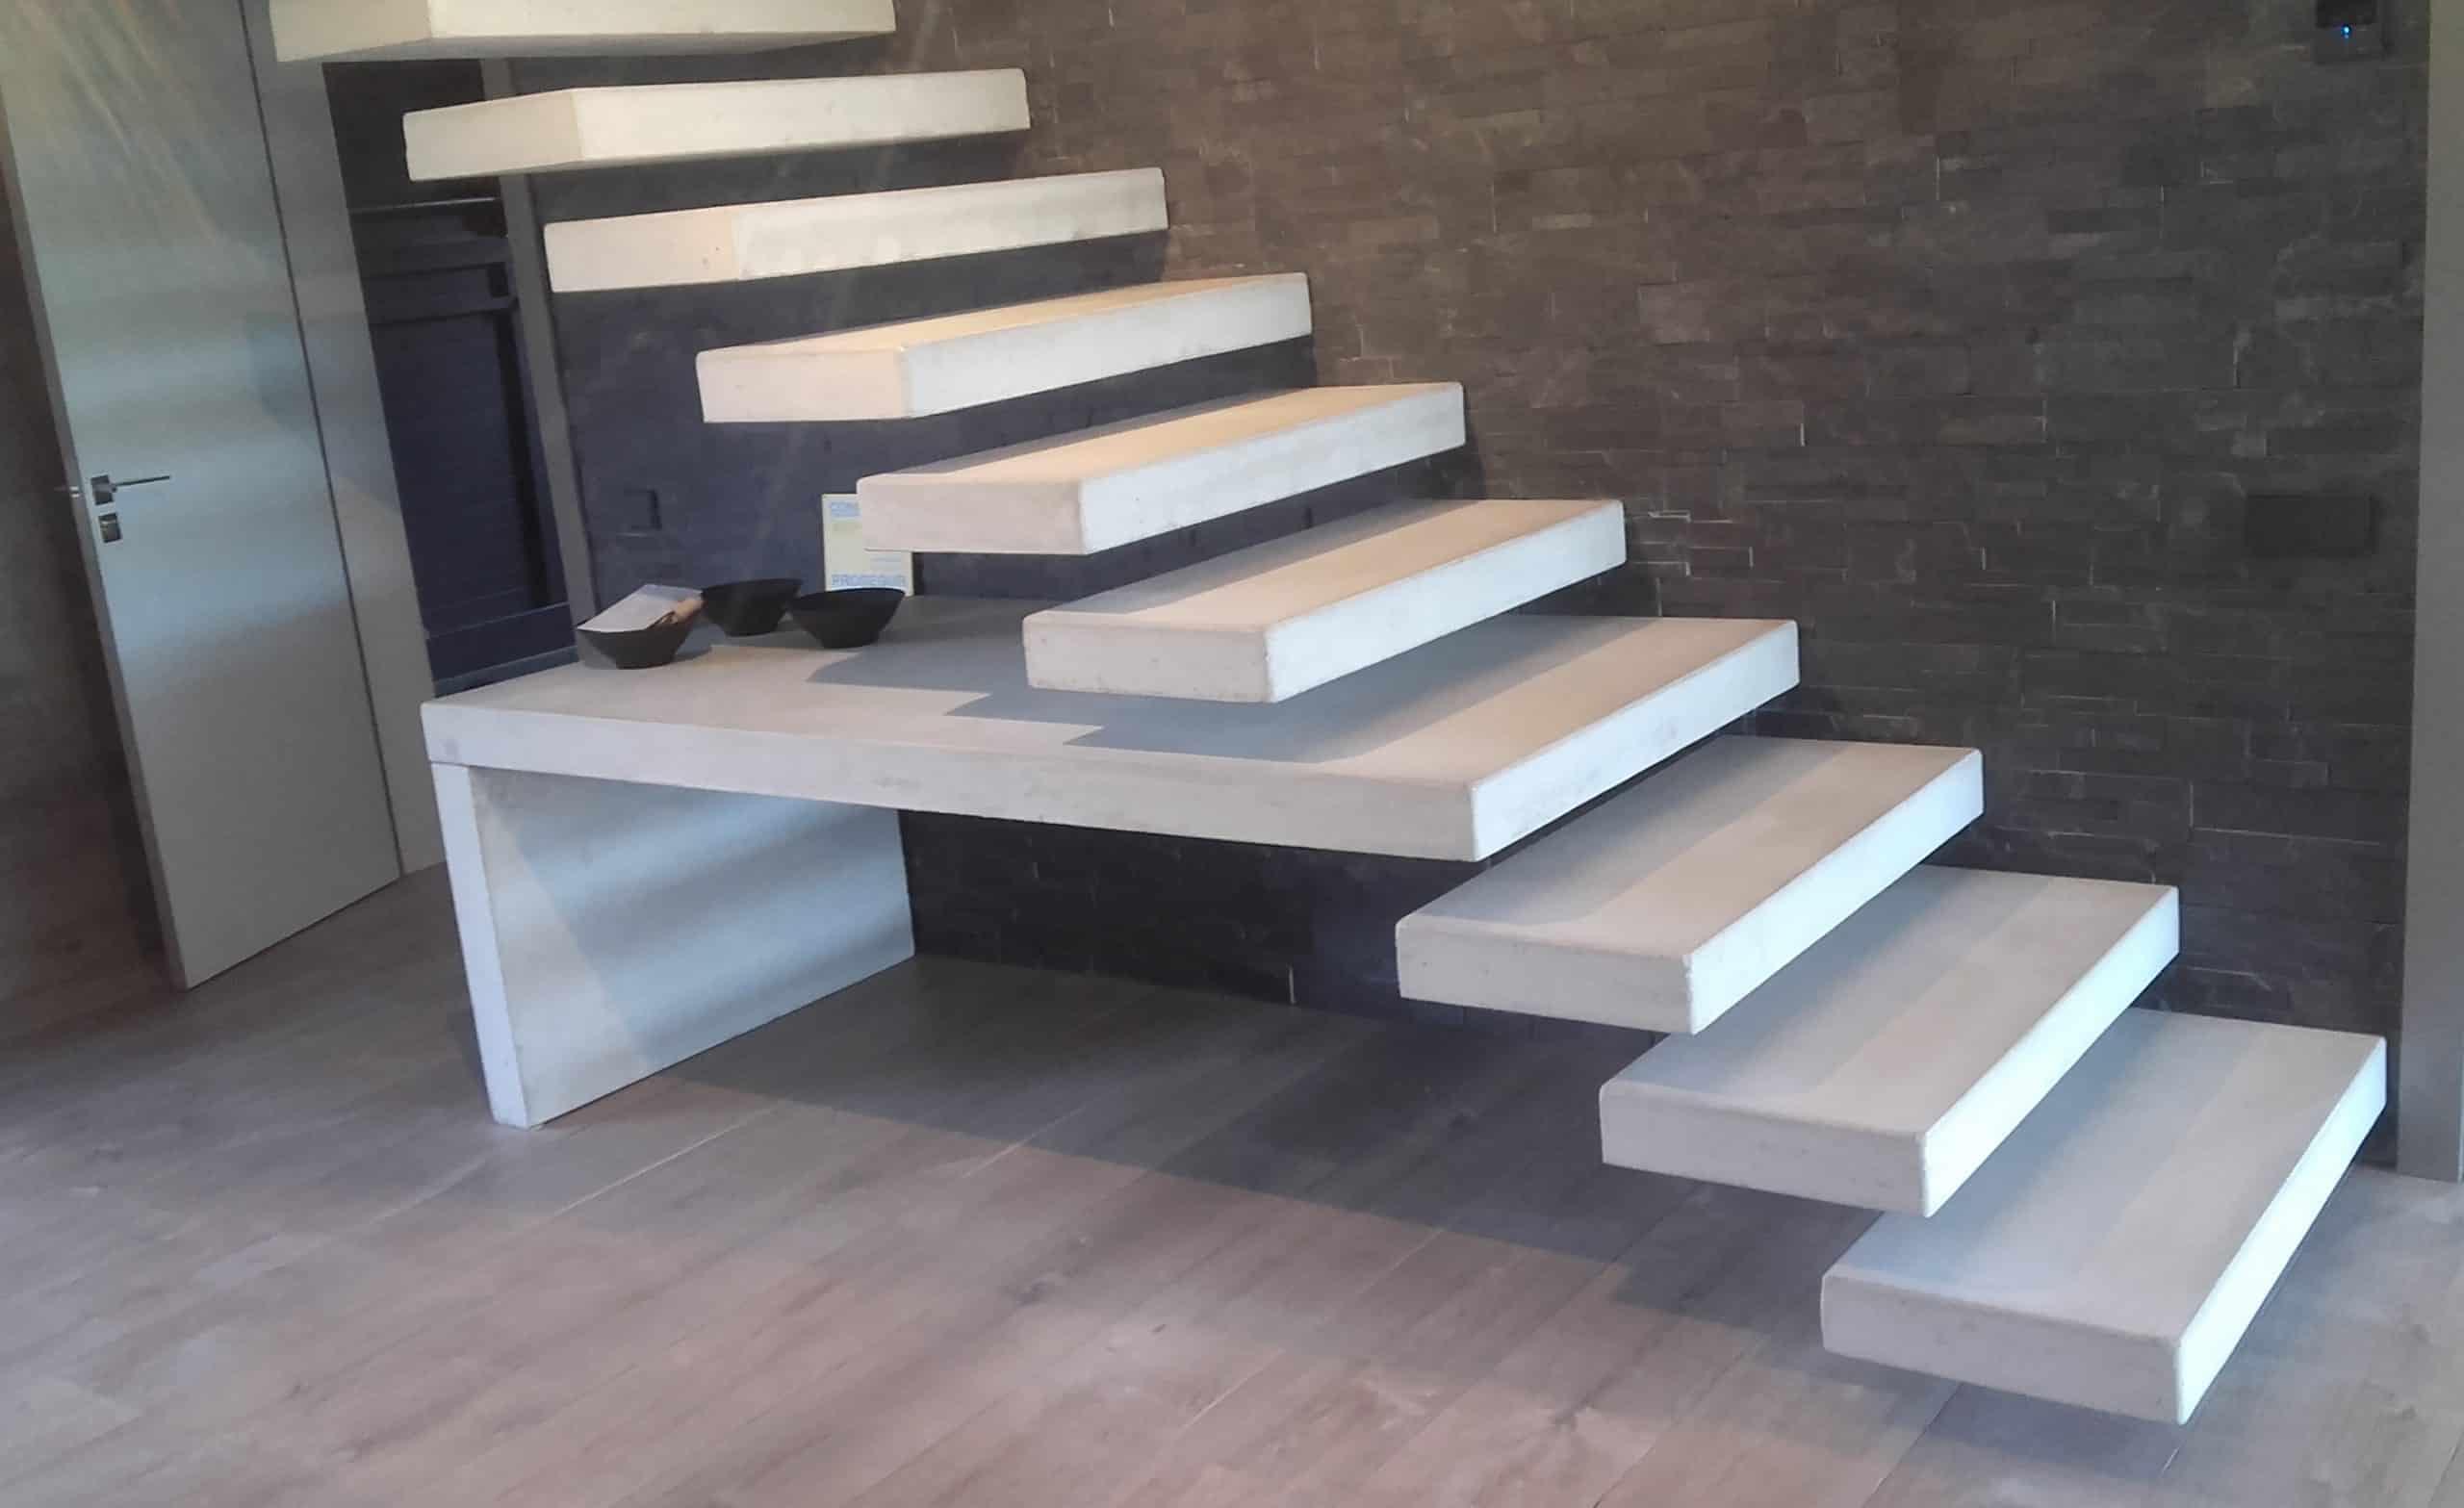 Escalera de hormig n empotrada predecat for Como hacer una escalera en concreto